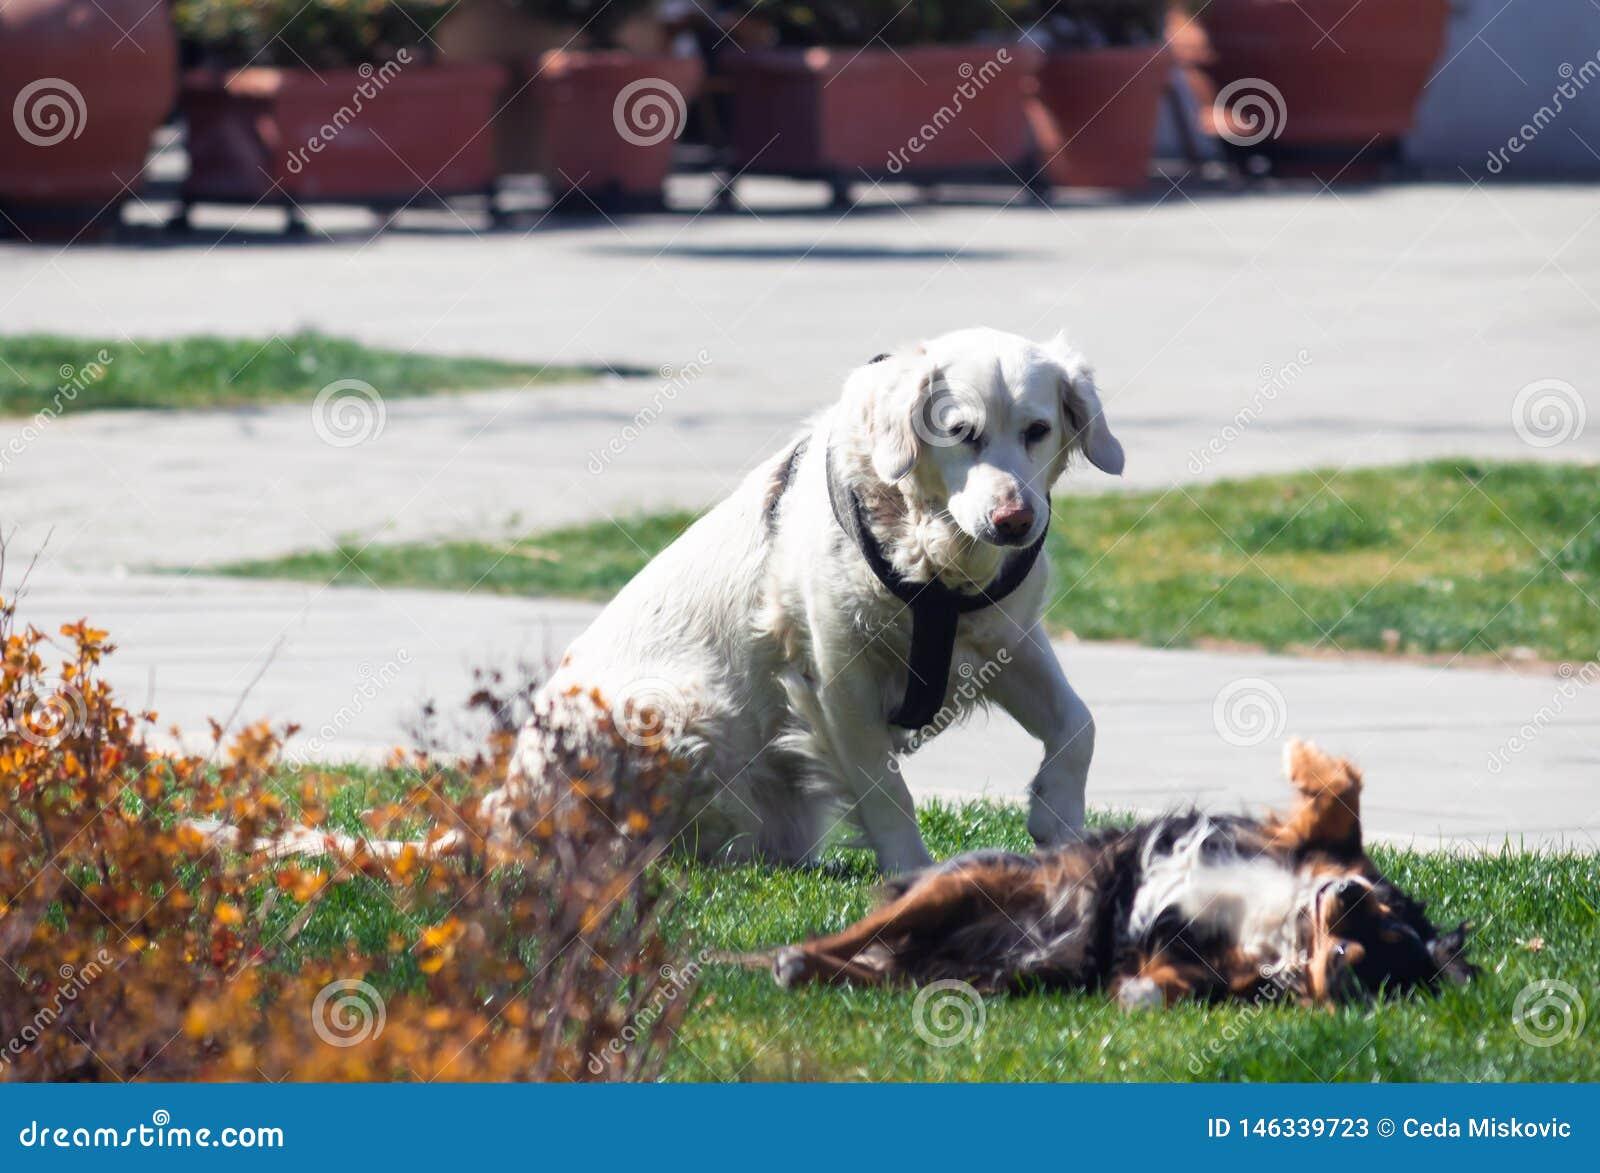 Zwei Hunde, bemannt die besten Freunde und genießt jedes andere Firma